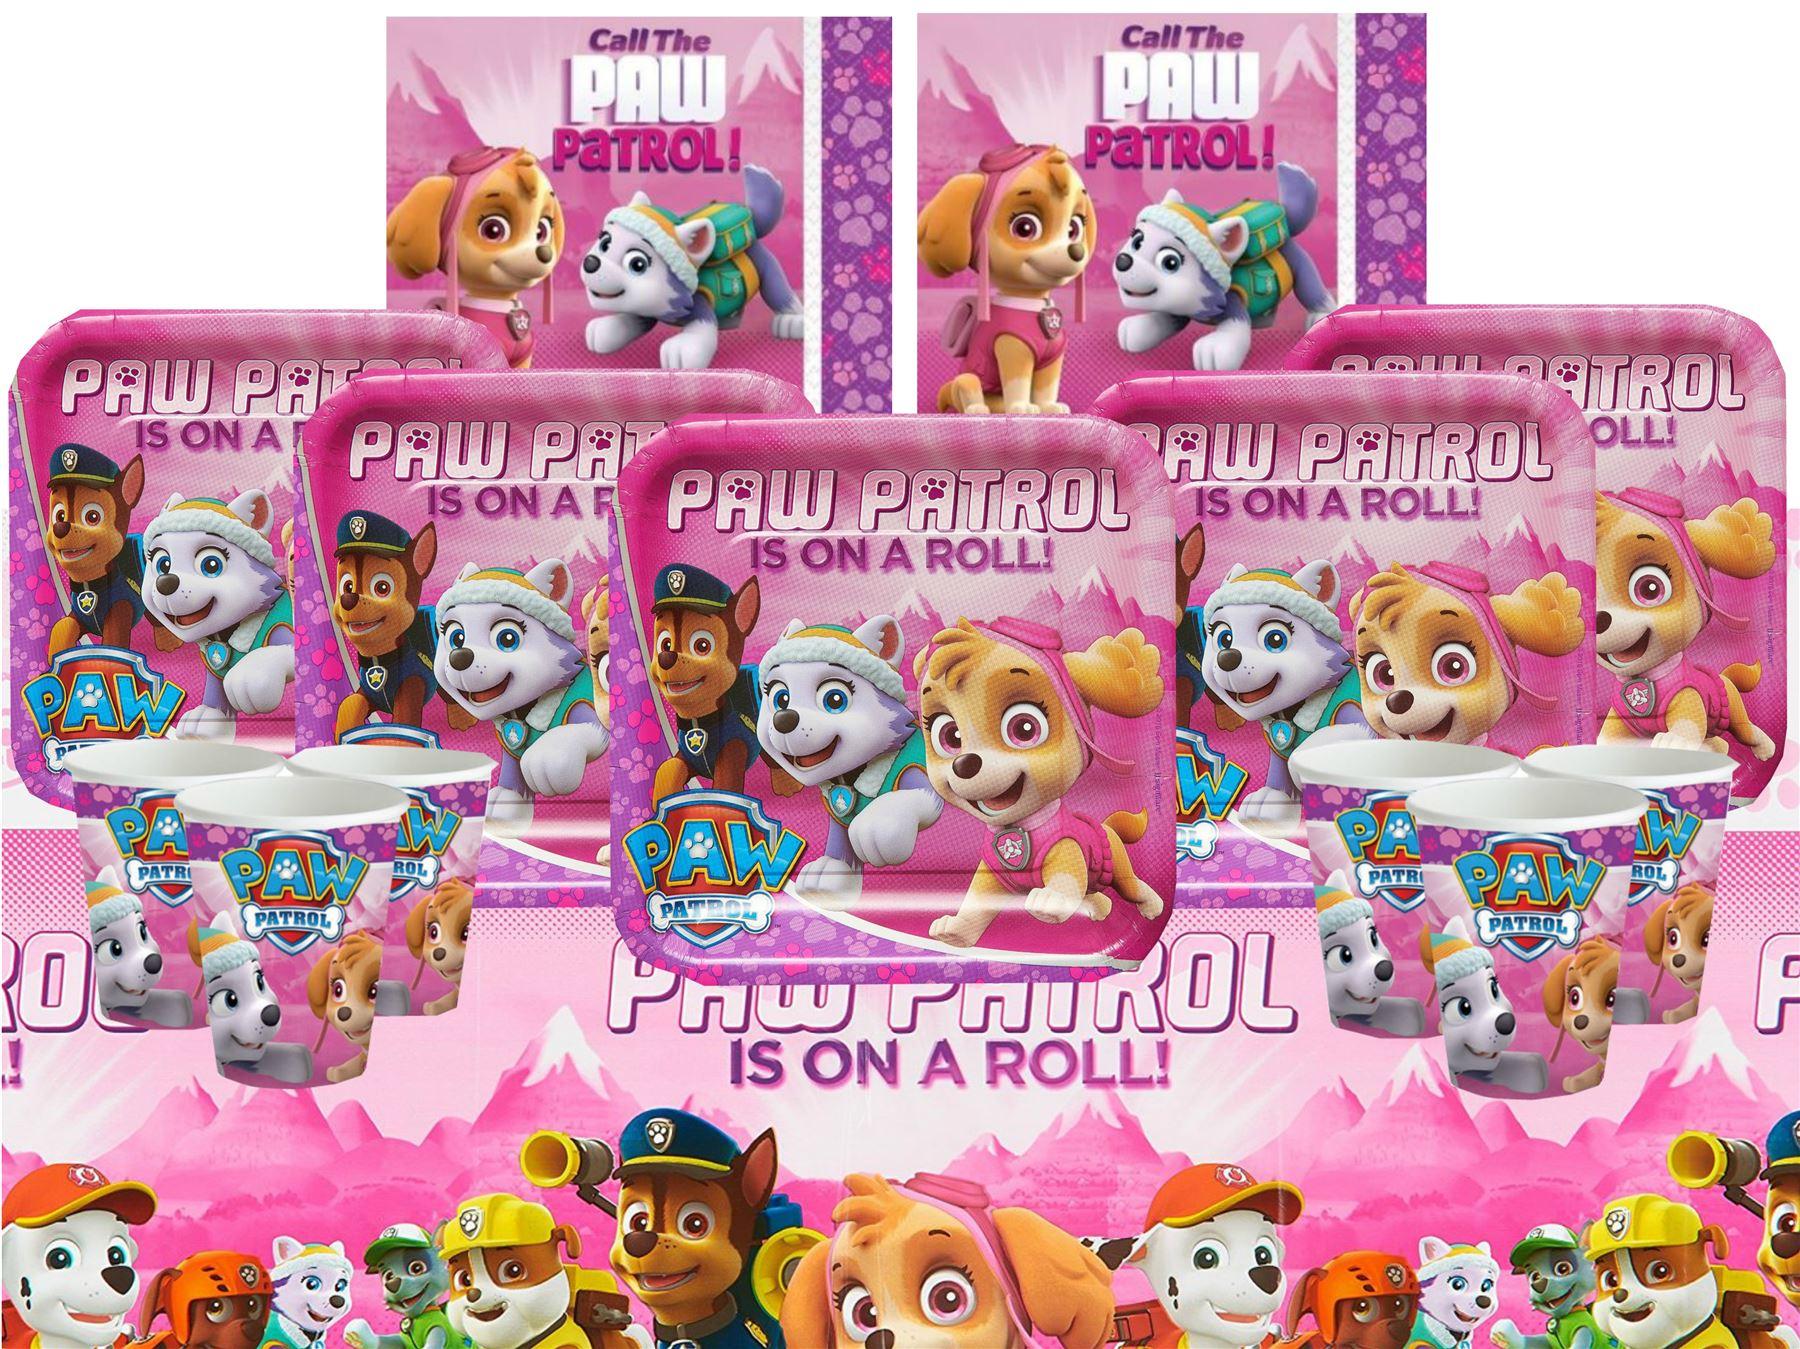 Paw patrol ni a rosa kits de fiesta de cumplea os vajilla - Fiesta de cumpleanos para nina ...